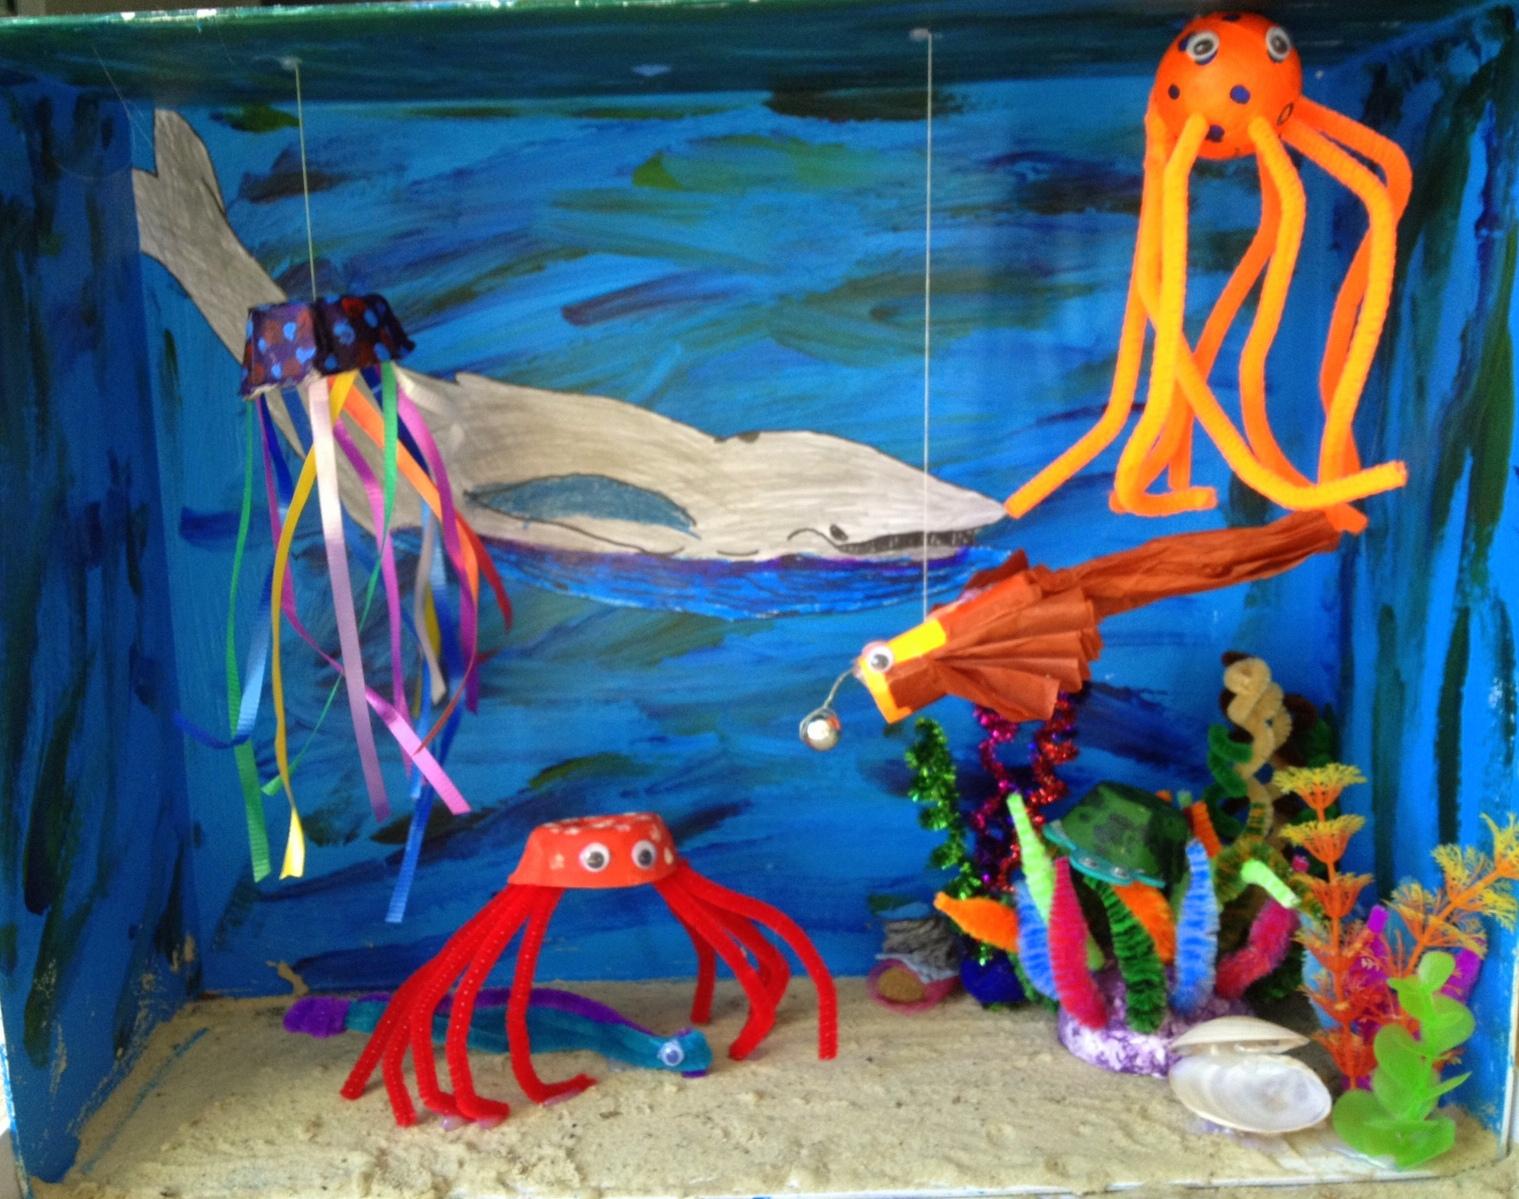 Ten Easy Ocean Diorama Crafts - Ocean floor painting